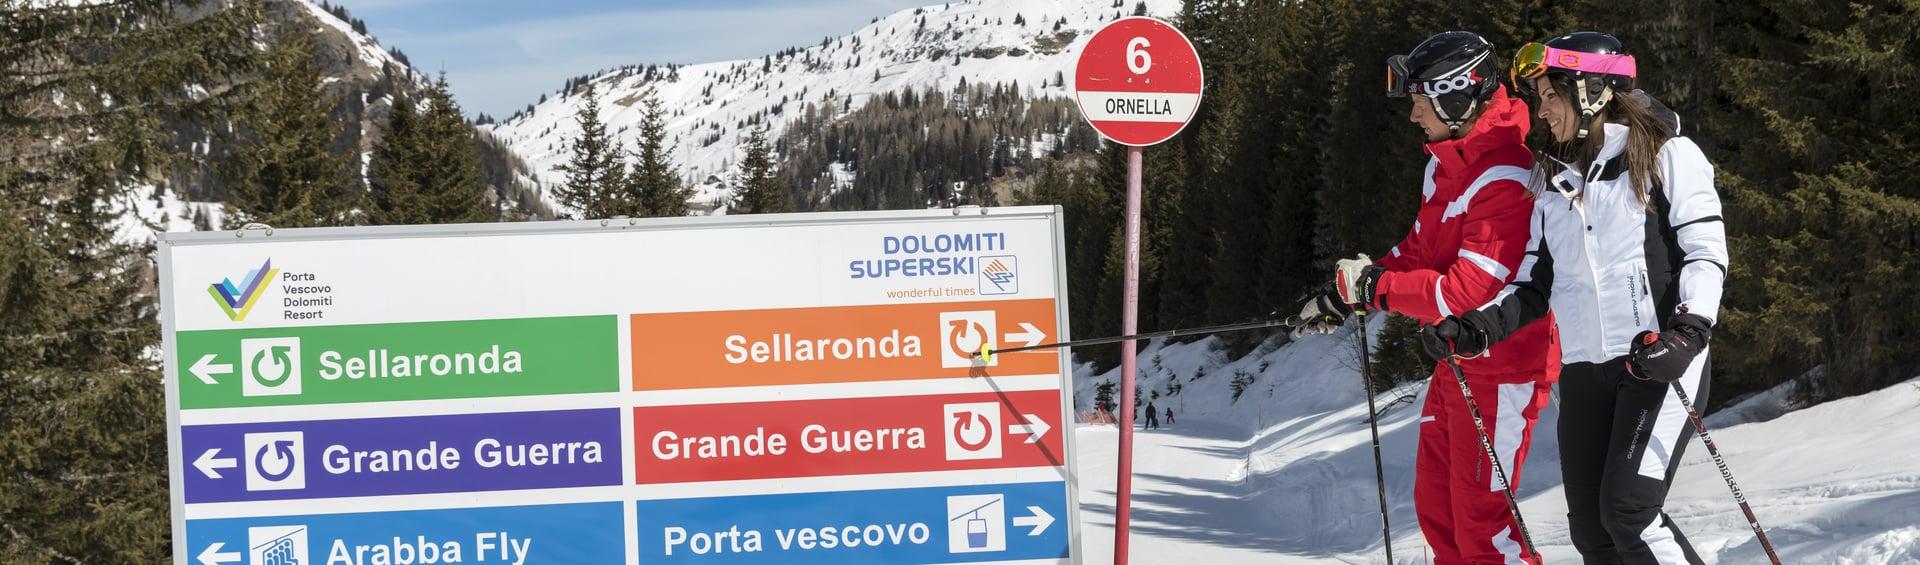 Skitours